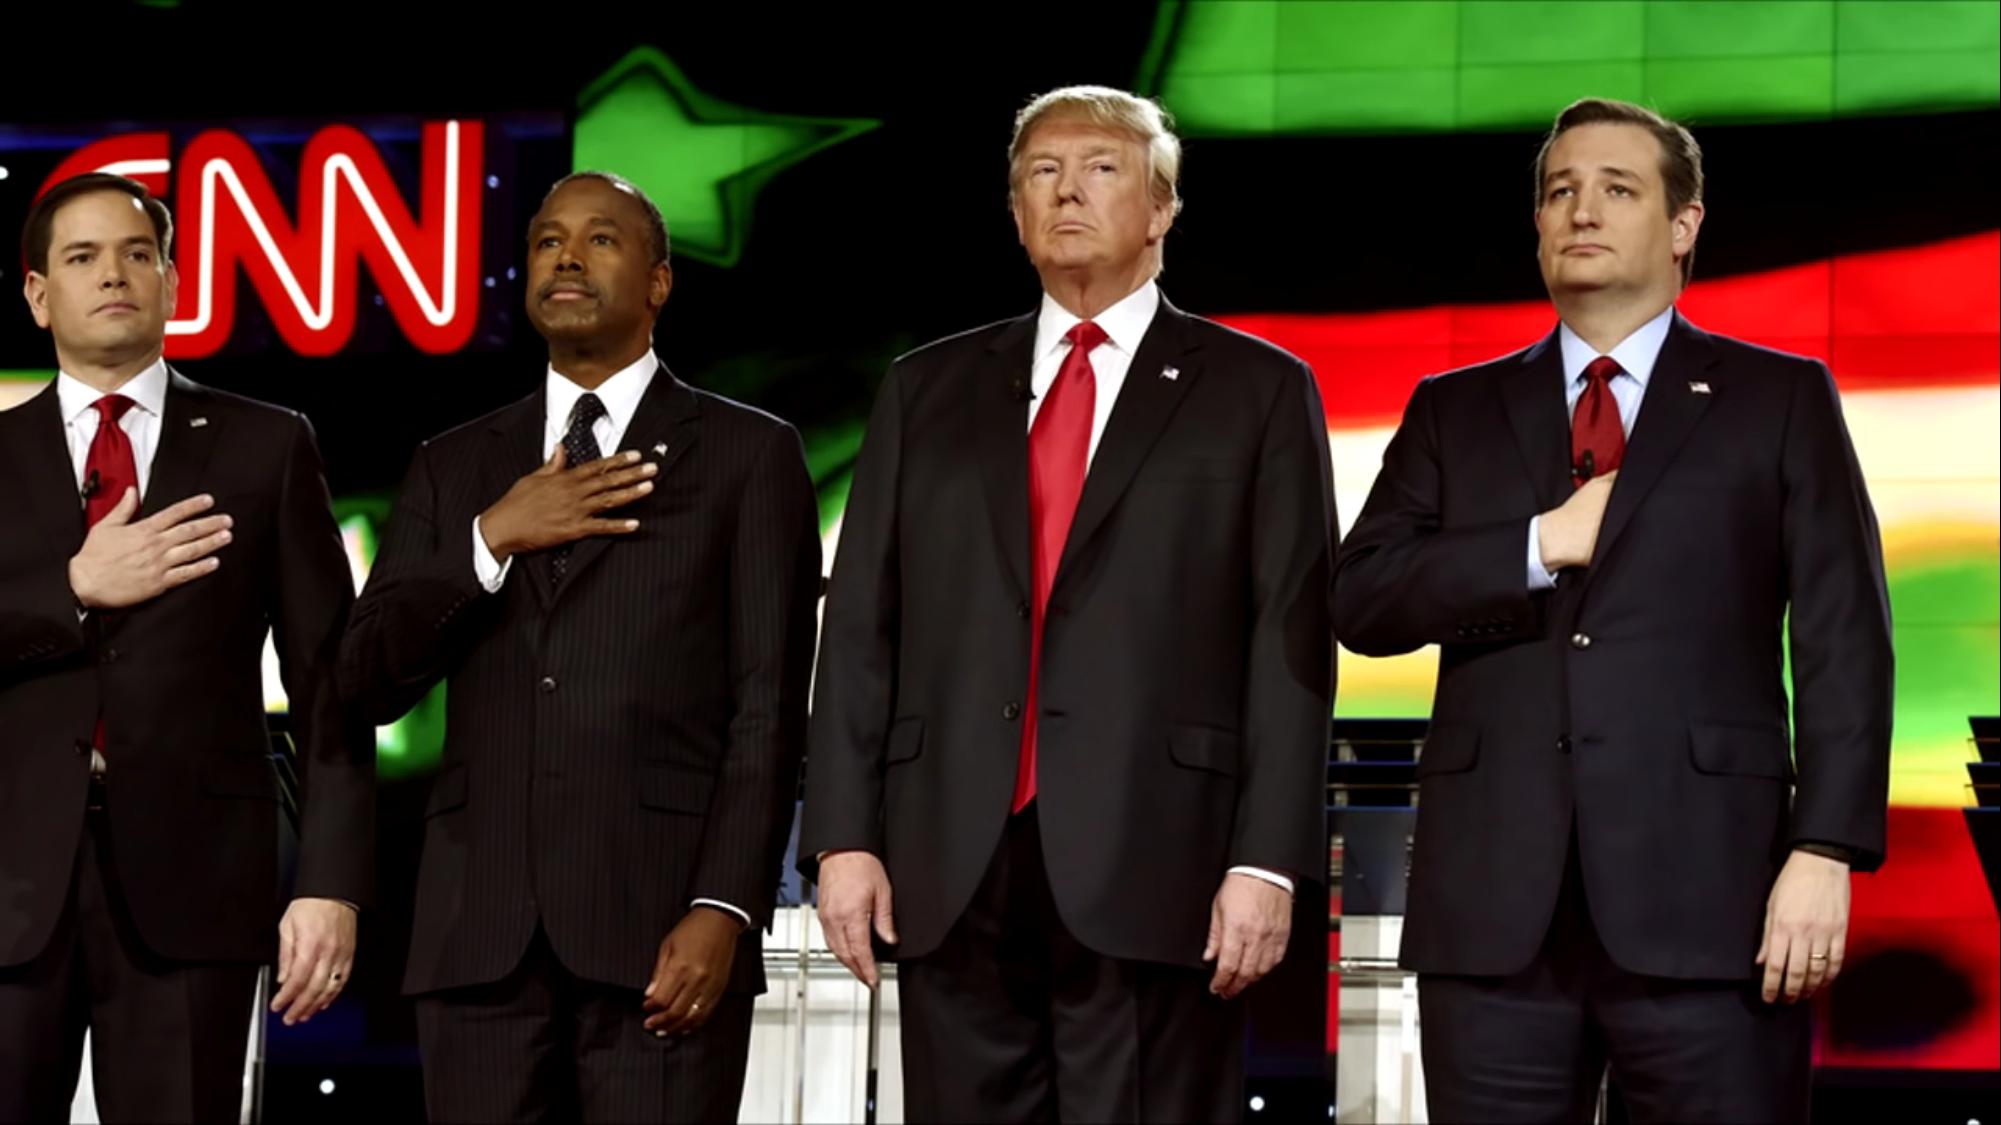 ritual masónico en debate presidencial del partido republicano, Presentation templates